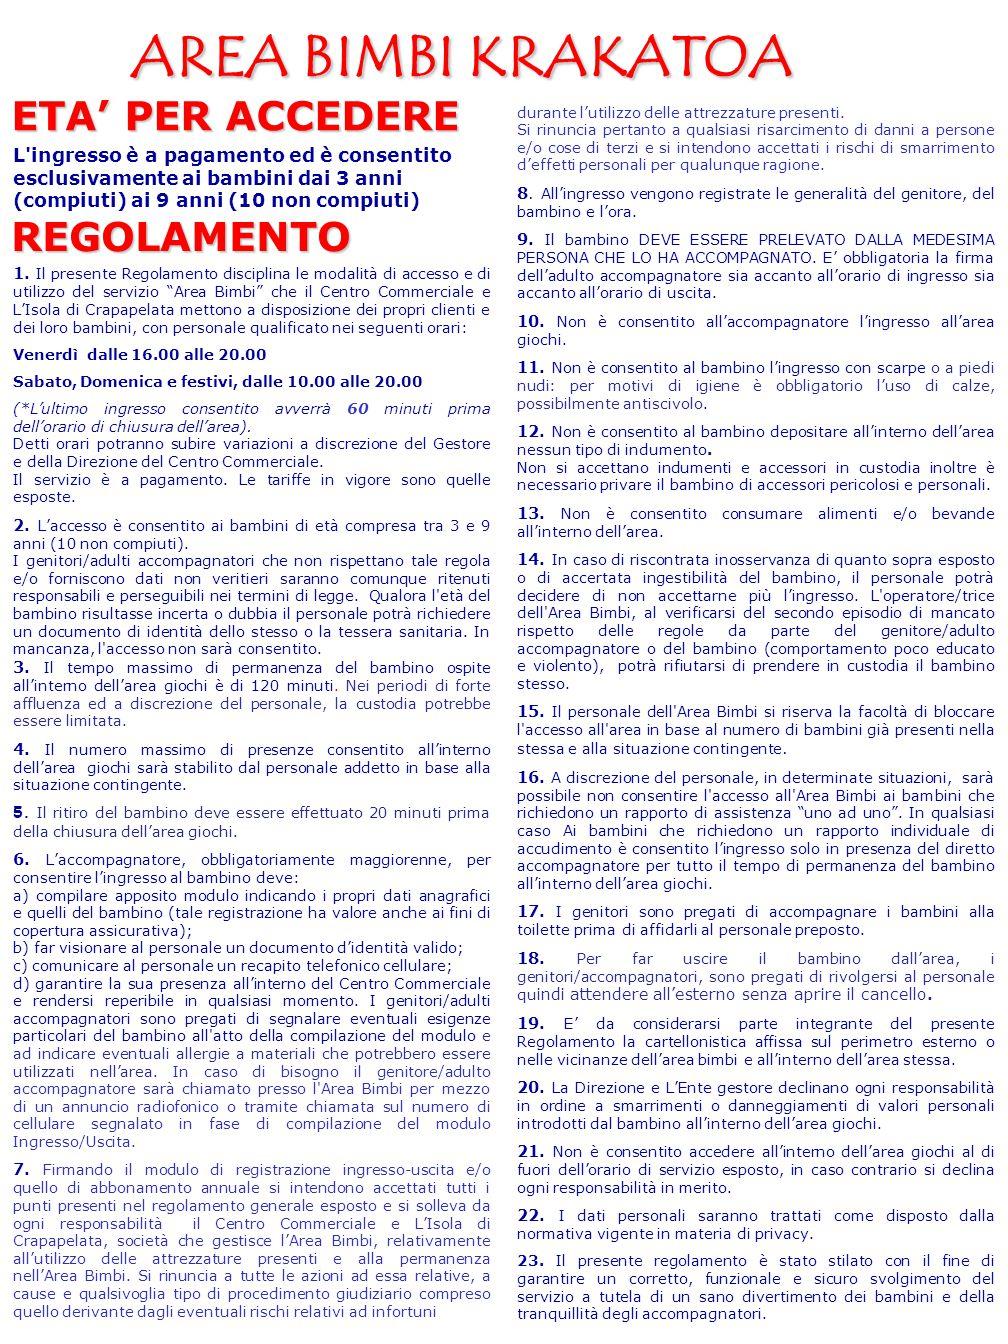 AREA BIMBI KRAKATOA ETA' PER ACCEDERE REGOLAMENTO